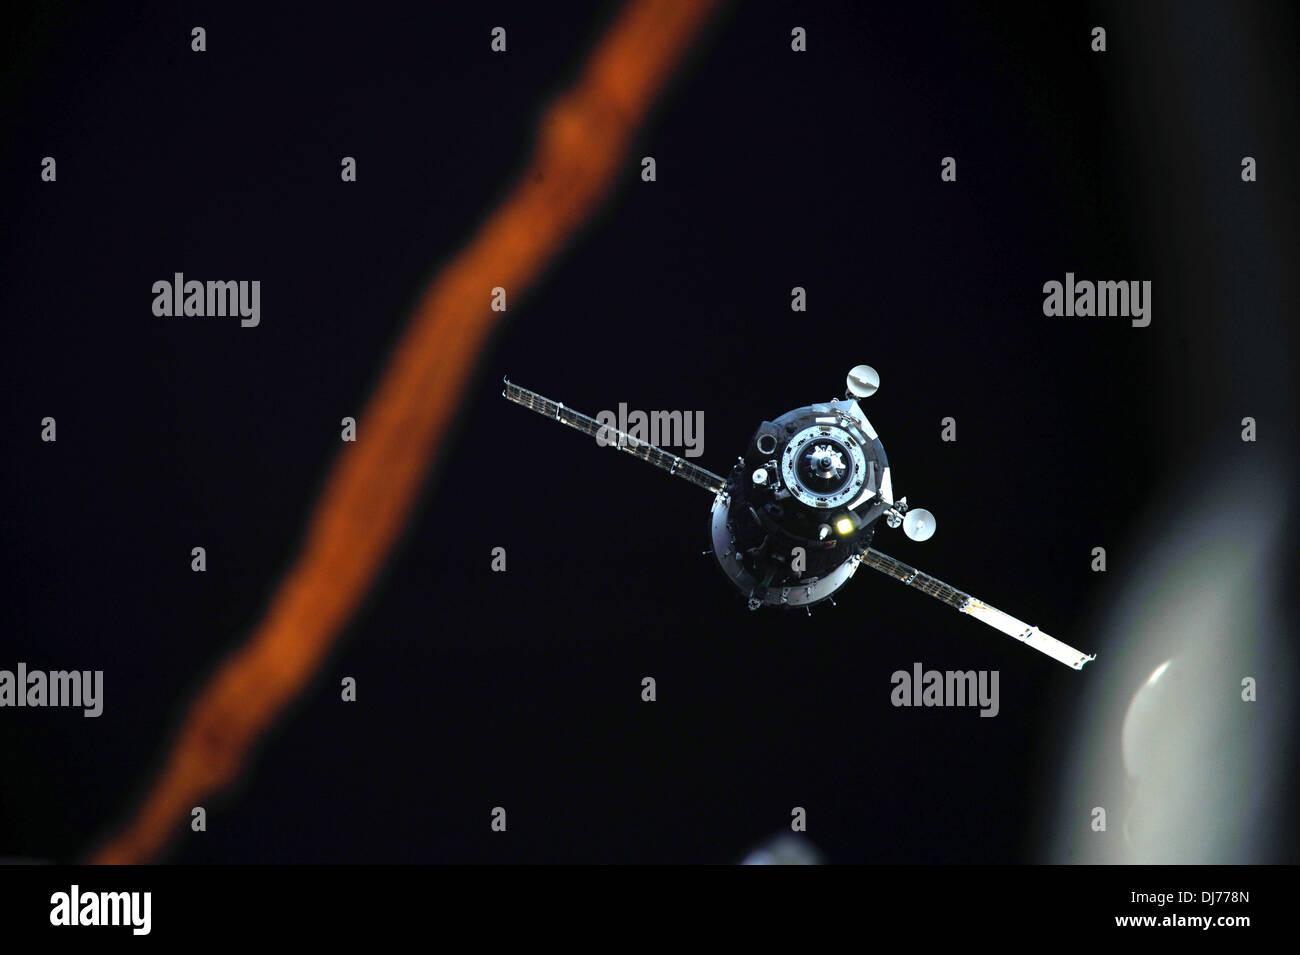 Soyuz TMA-08M spacecraft as it departs - Stock Image